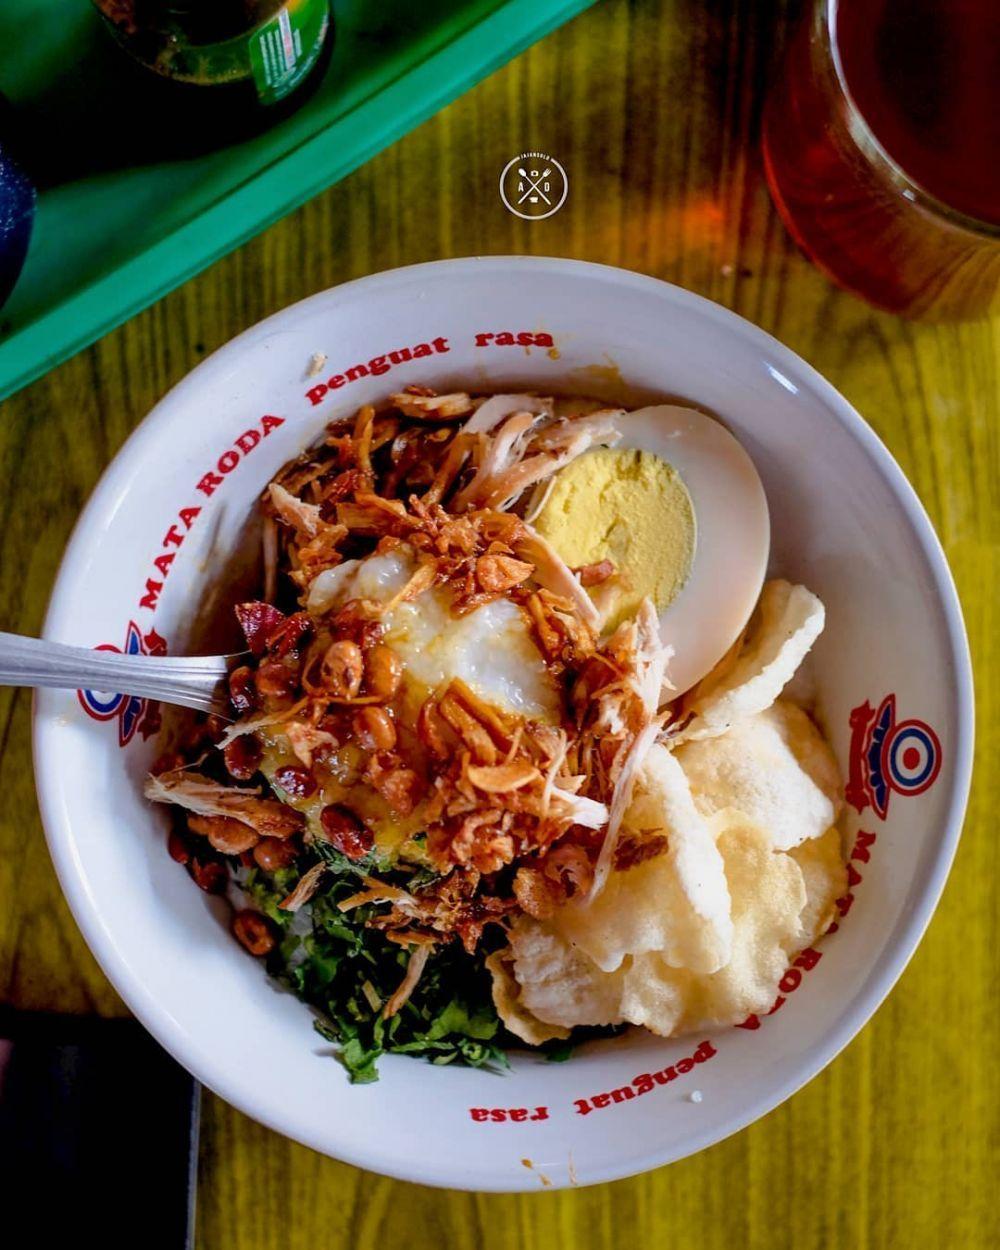 Resep Makanan Bandung Instagram Resep Makanan Makanan Resep Makanan Cina